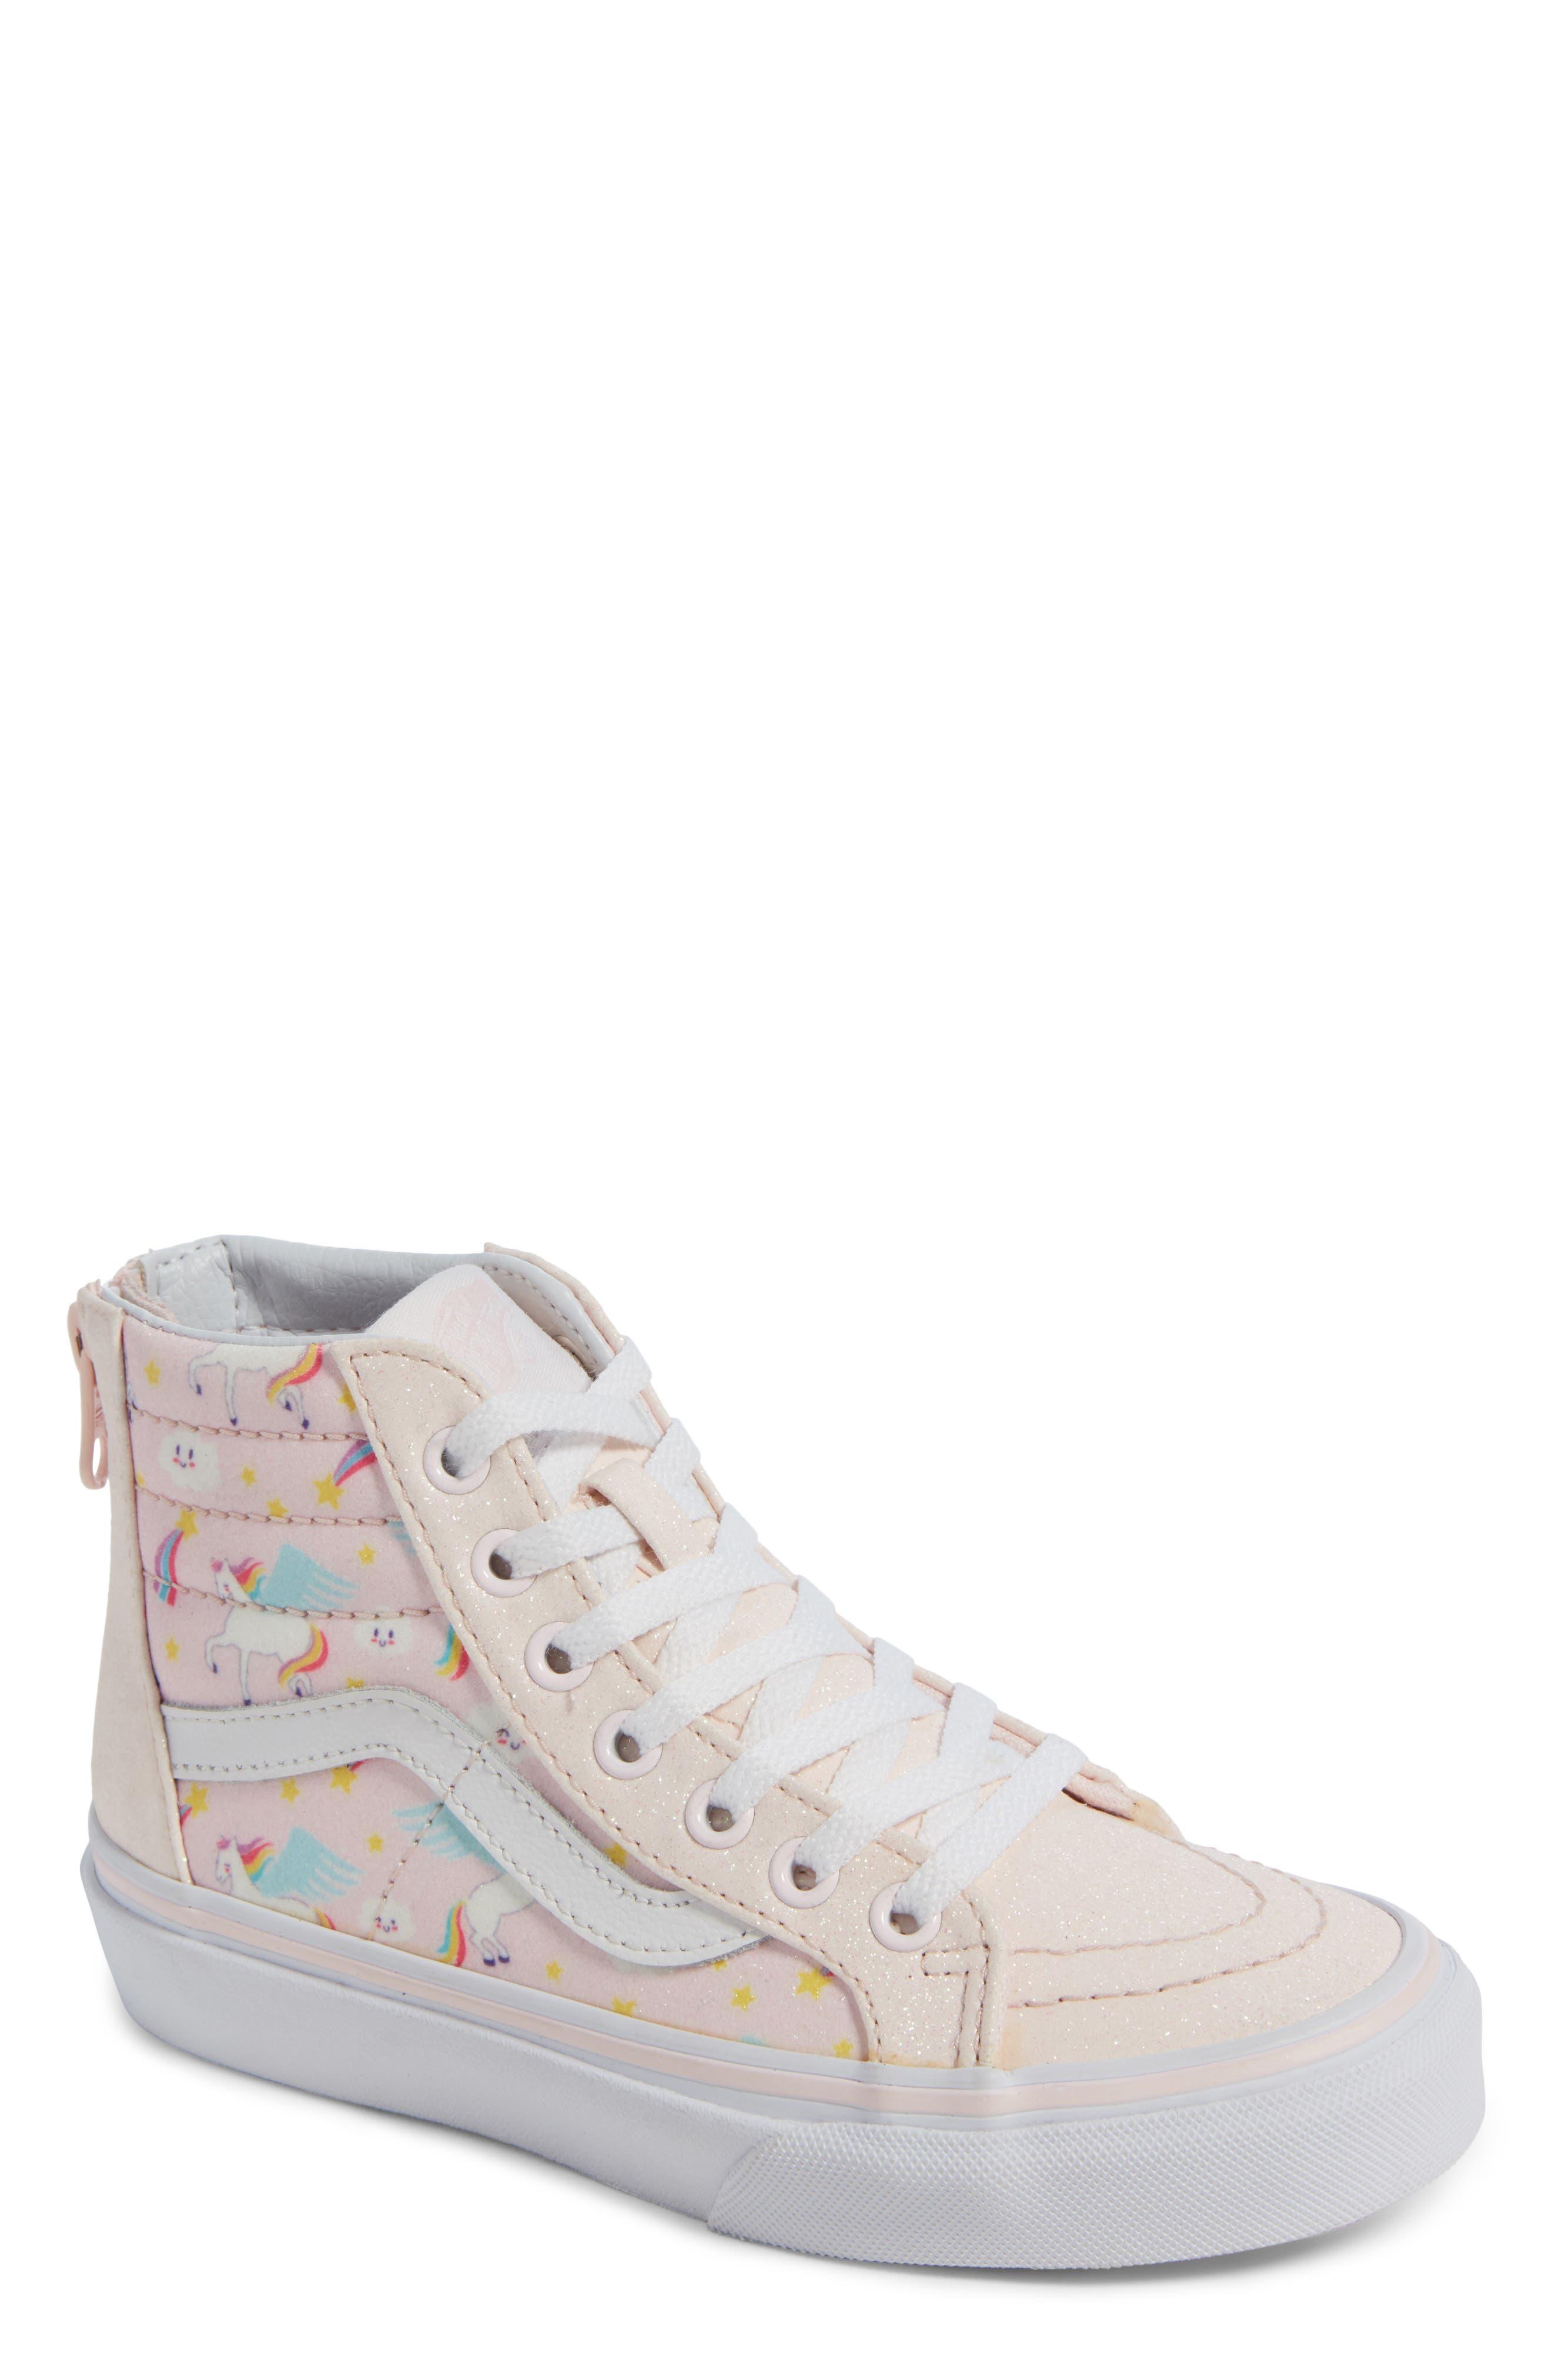 Sk8-Hi Zip Sneaker,                             Main thumbnail 1, color,                             GLITTER PEGASUS PINK/ WHITE